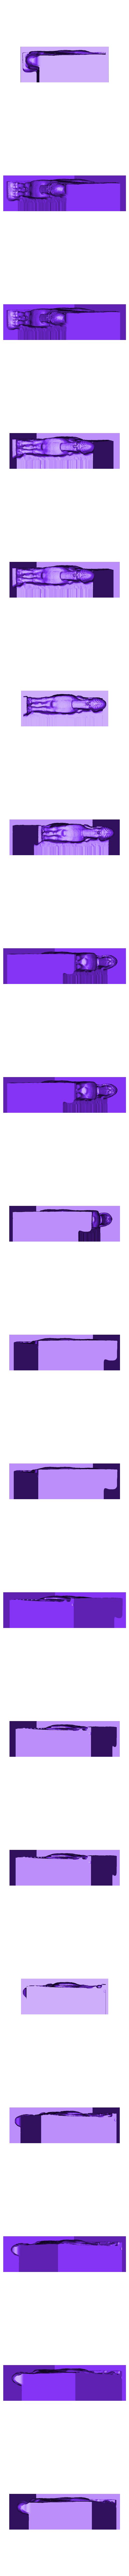 20120710_Lamassu_MOLD.stl Télécharger fichier STL gratuit Coulée des métaux • Plan à imprimer en 3D, Ghashgar